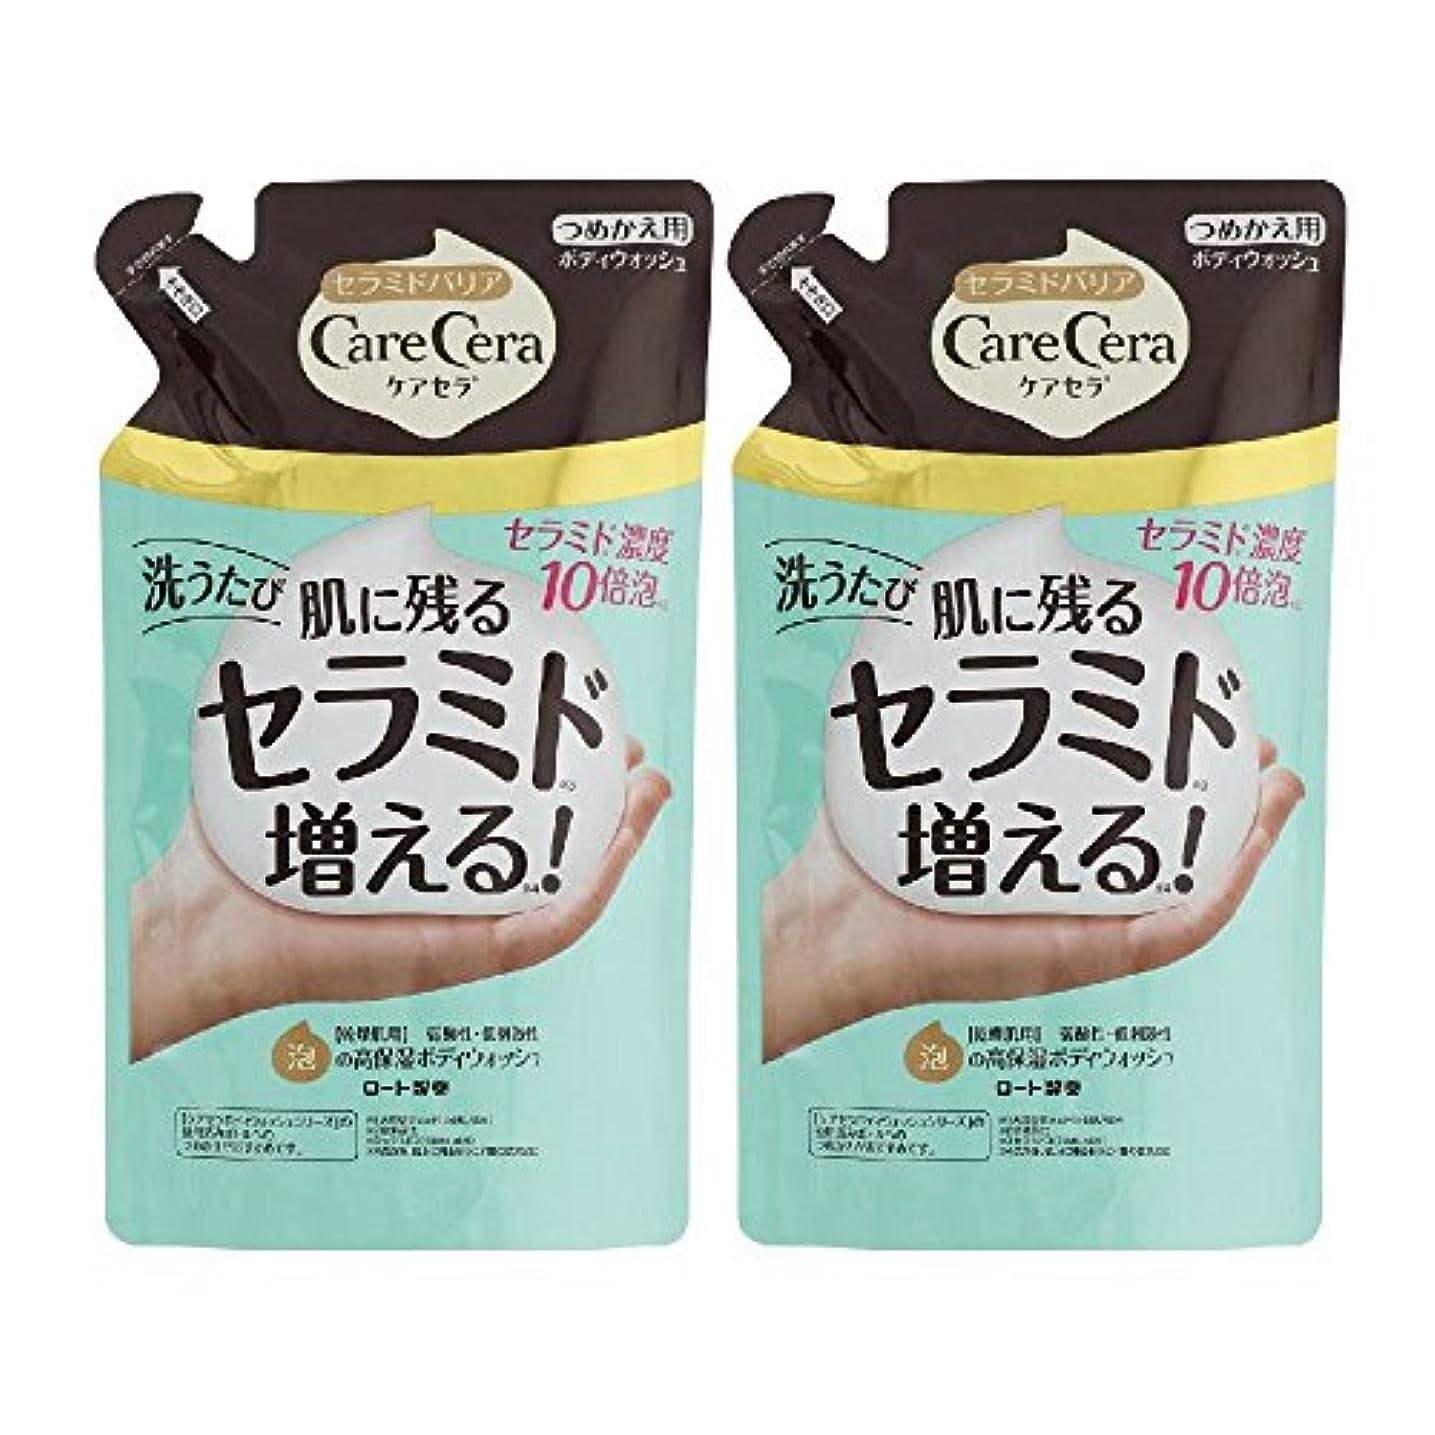 抗議一方、変換するケアセラ (CareCera) 泡の高保湿 ボディウォッシュ ピュアフローラルの香り (つめかえ用) 350mL×2個 ※セバメドモイスチャーローション10mlサンプル付き